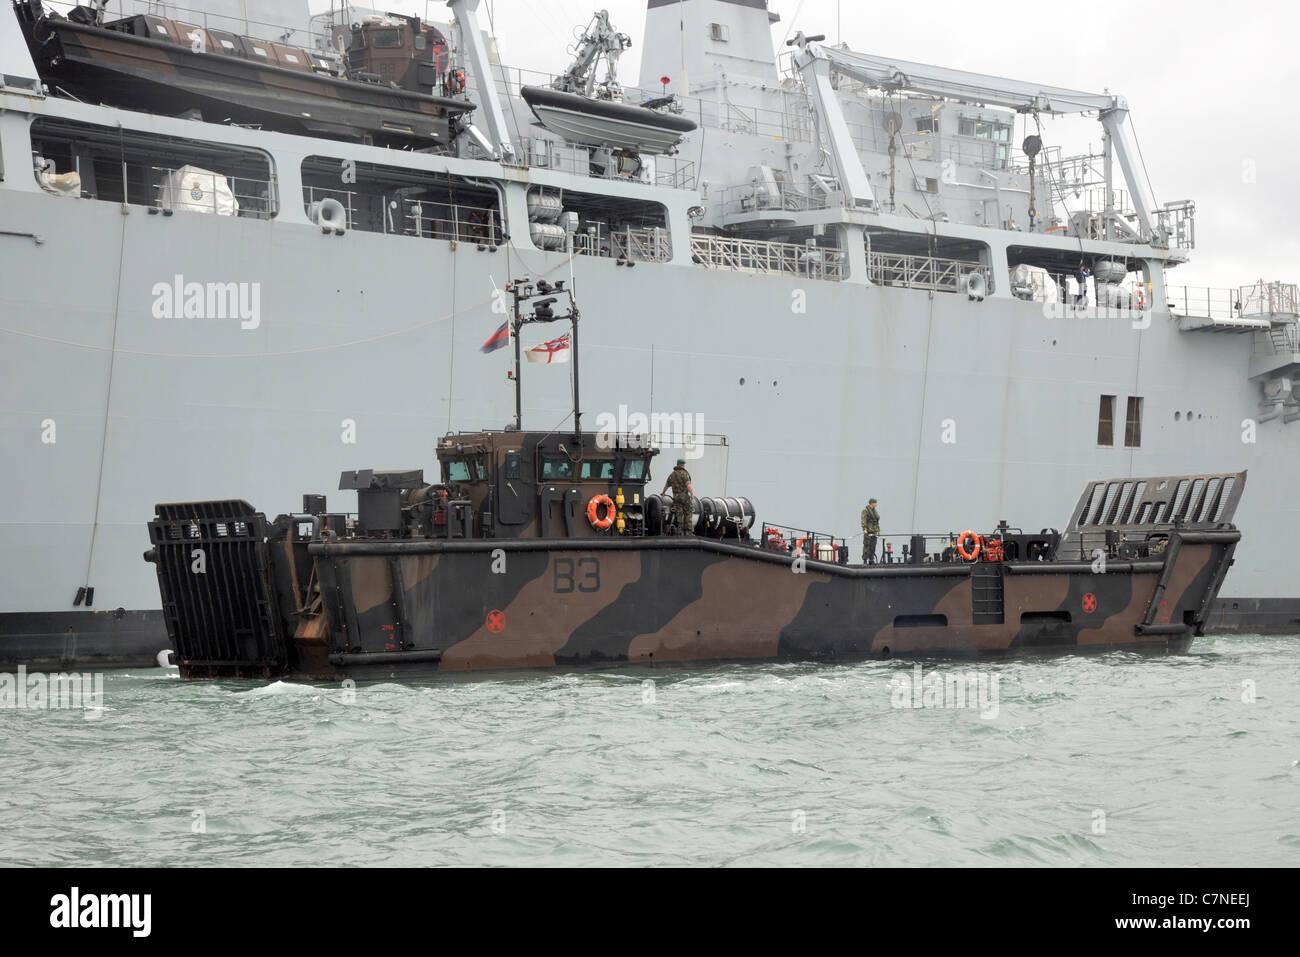 Un LCU Mk10 de débarquement maritime, unité 4 Escadron d'Assaut Royal Marines, aux côtés Photo Stock